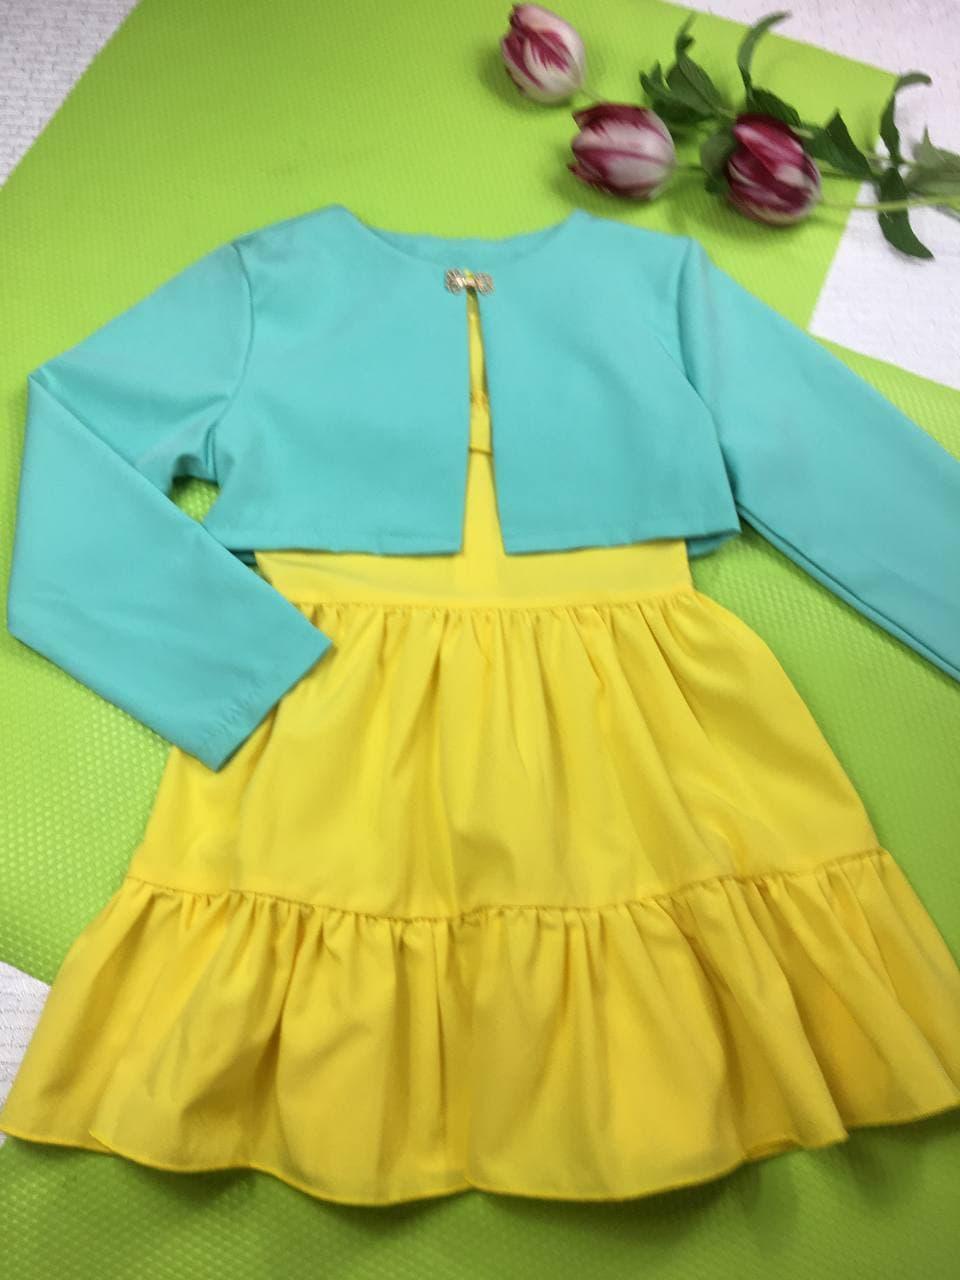 Костюм летний ,,Тюльпан,,на девочку 104, 110, 116, 122 см, желтый+голубой